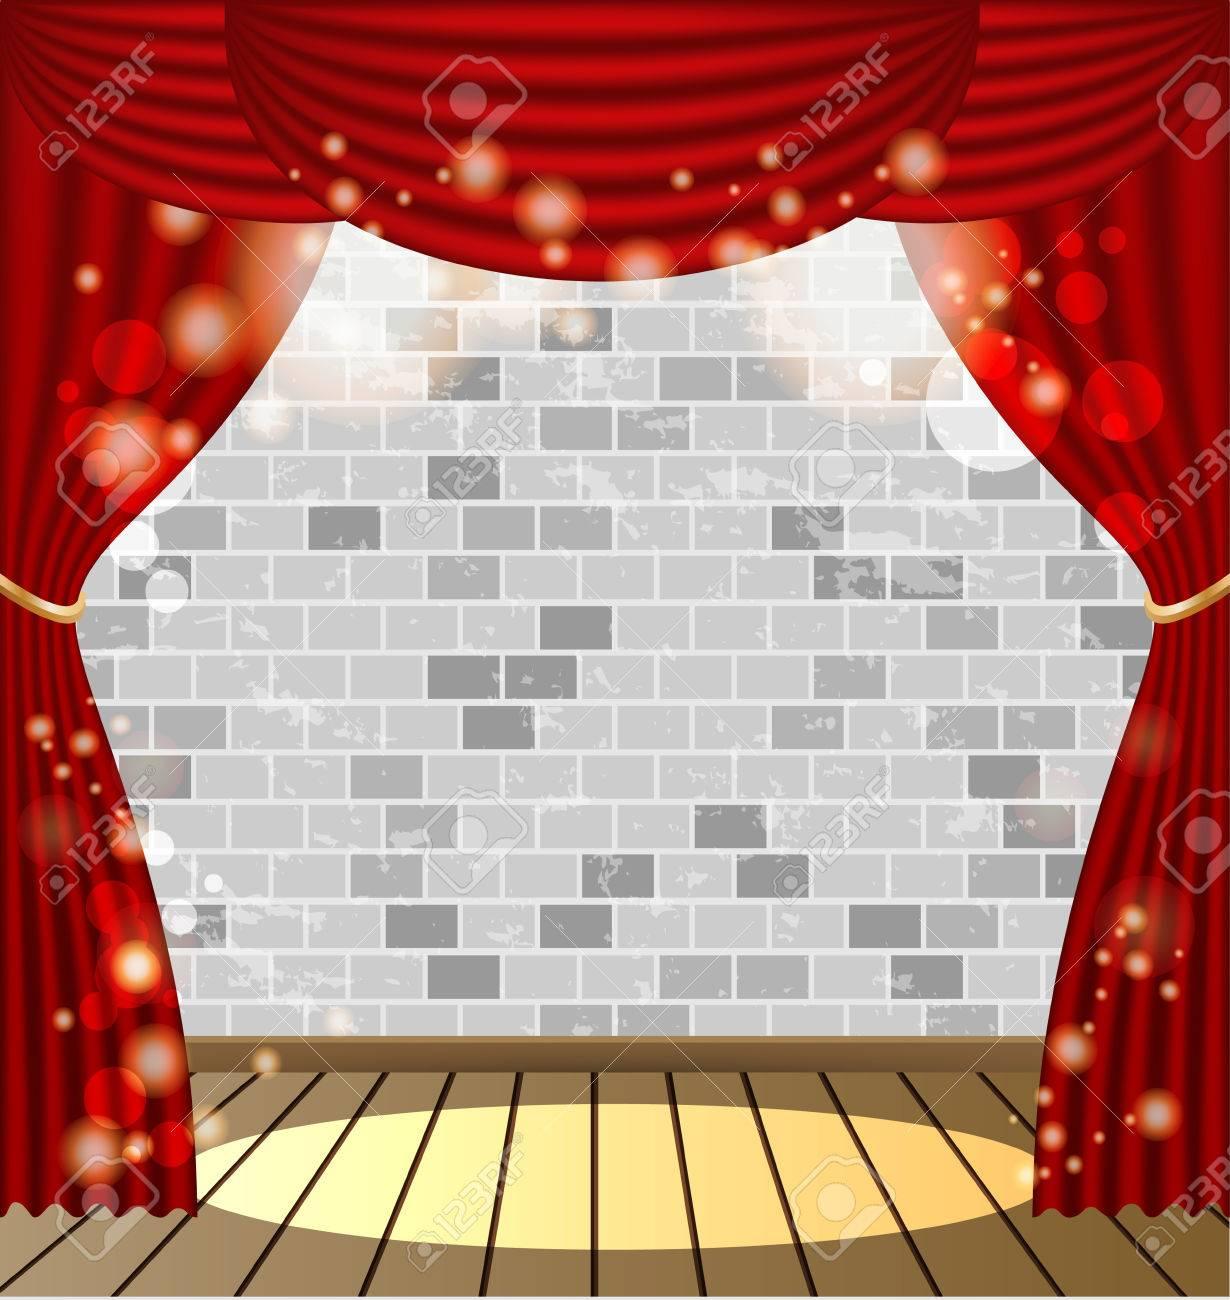 cortinas rojas de fondo vector foto de archivo